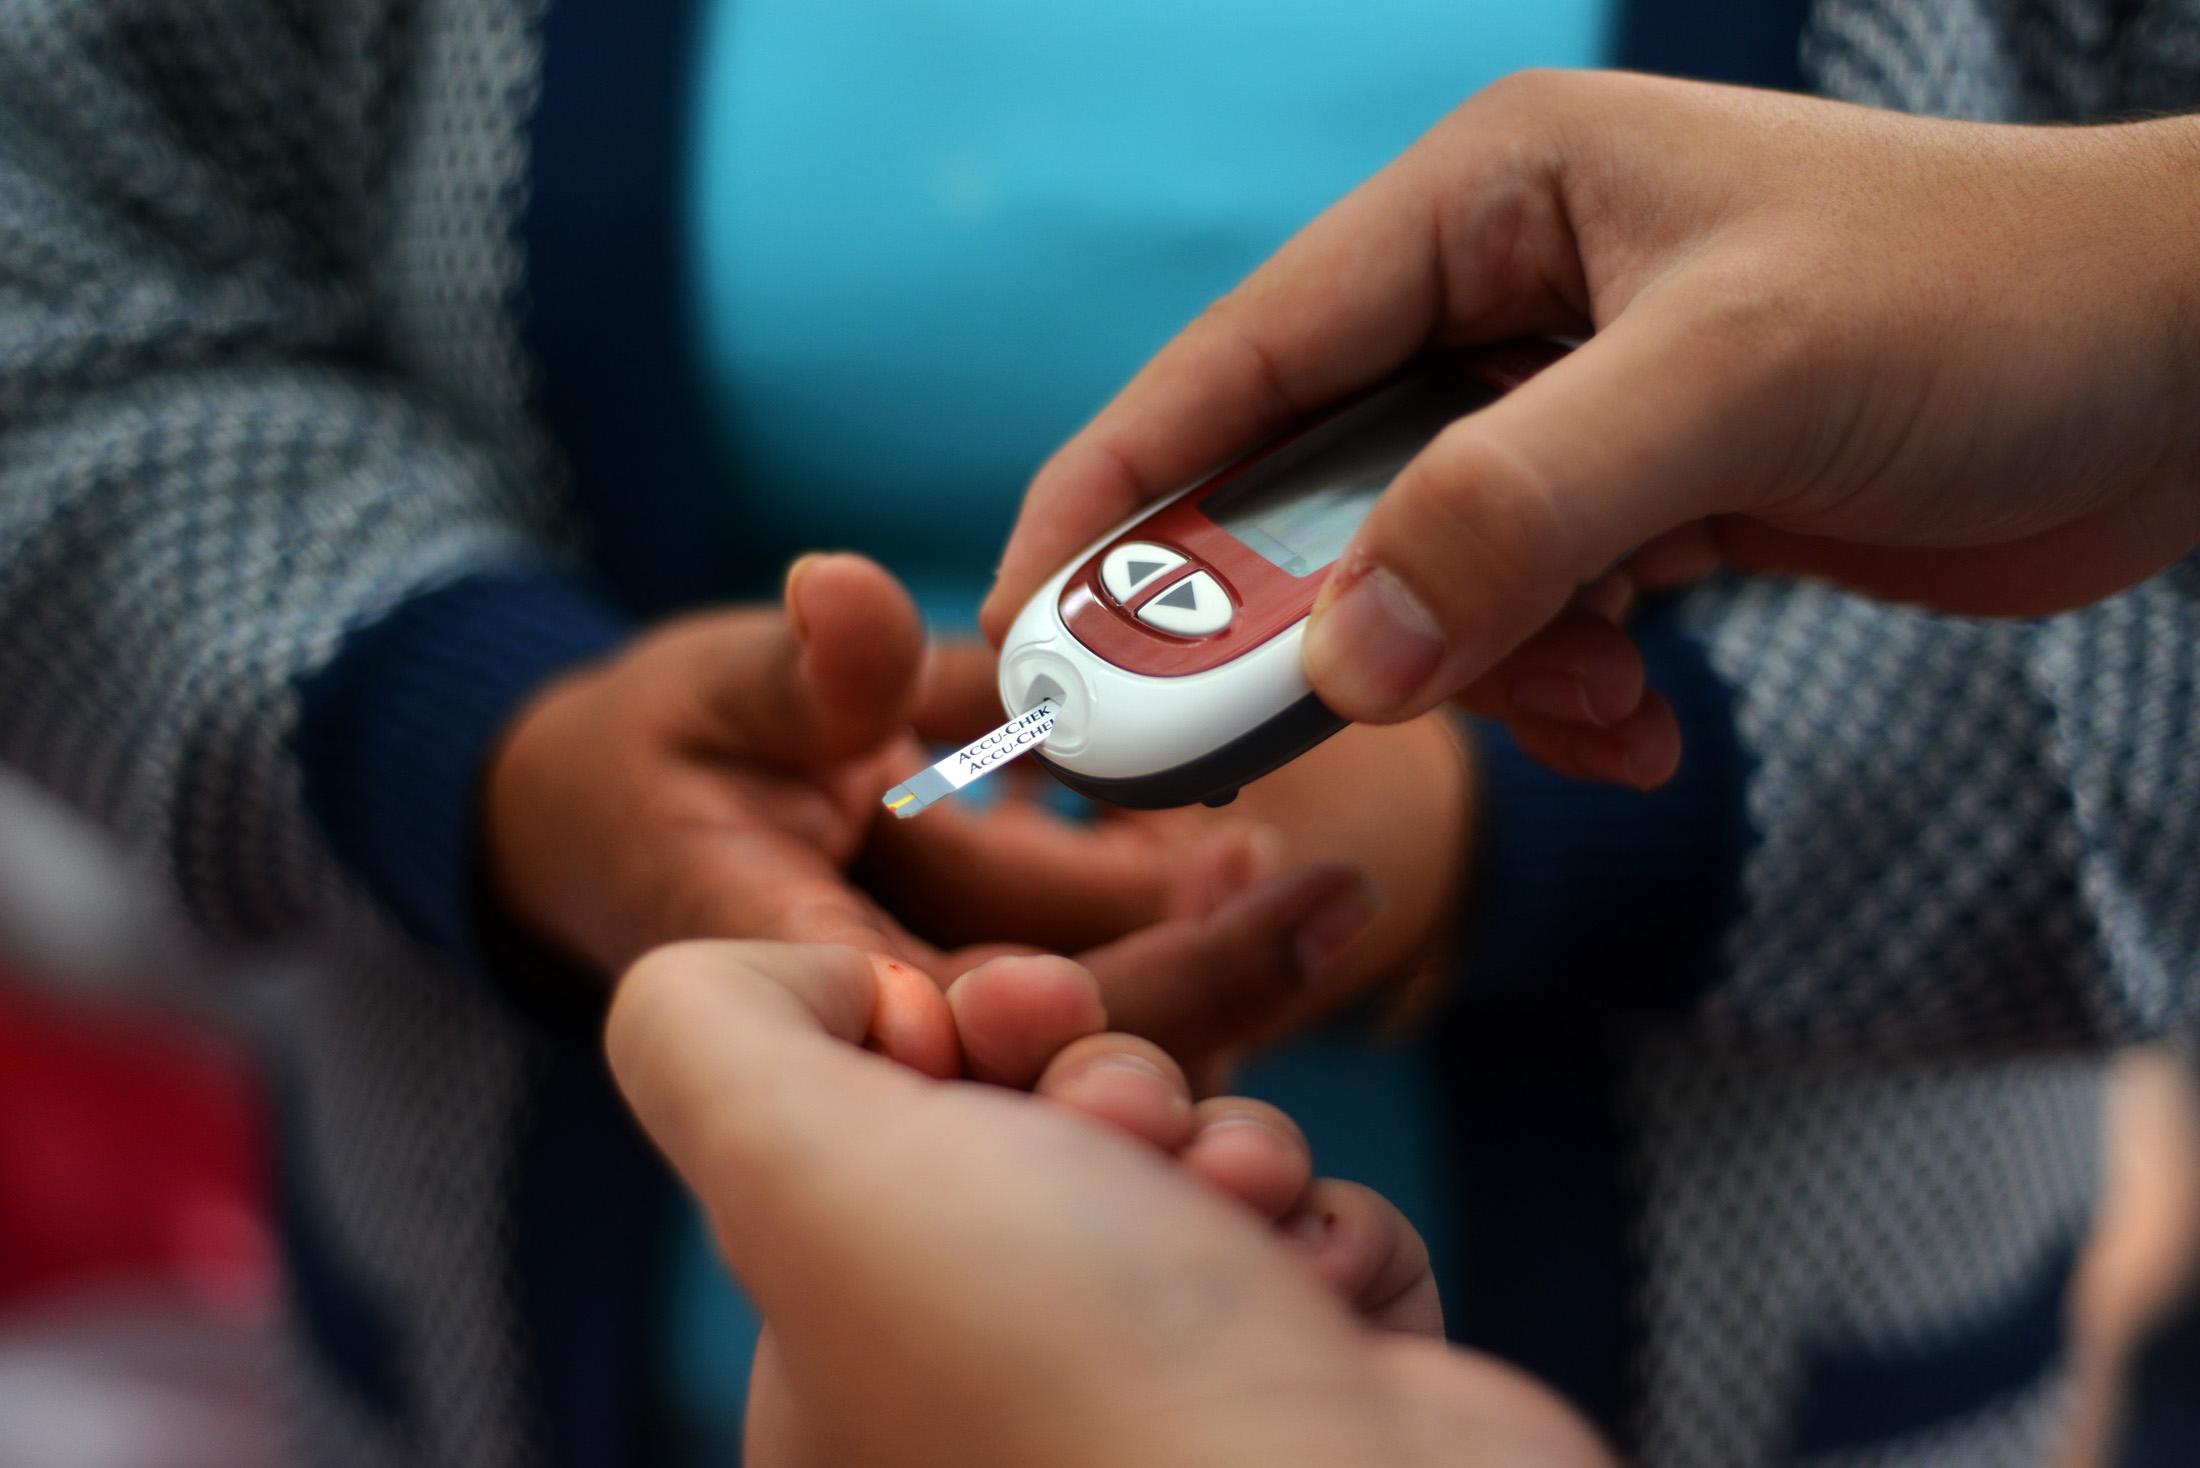 Se rebasa número de casos de diabetes que esperaban para 2030